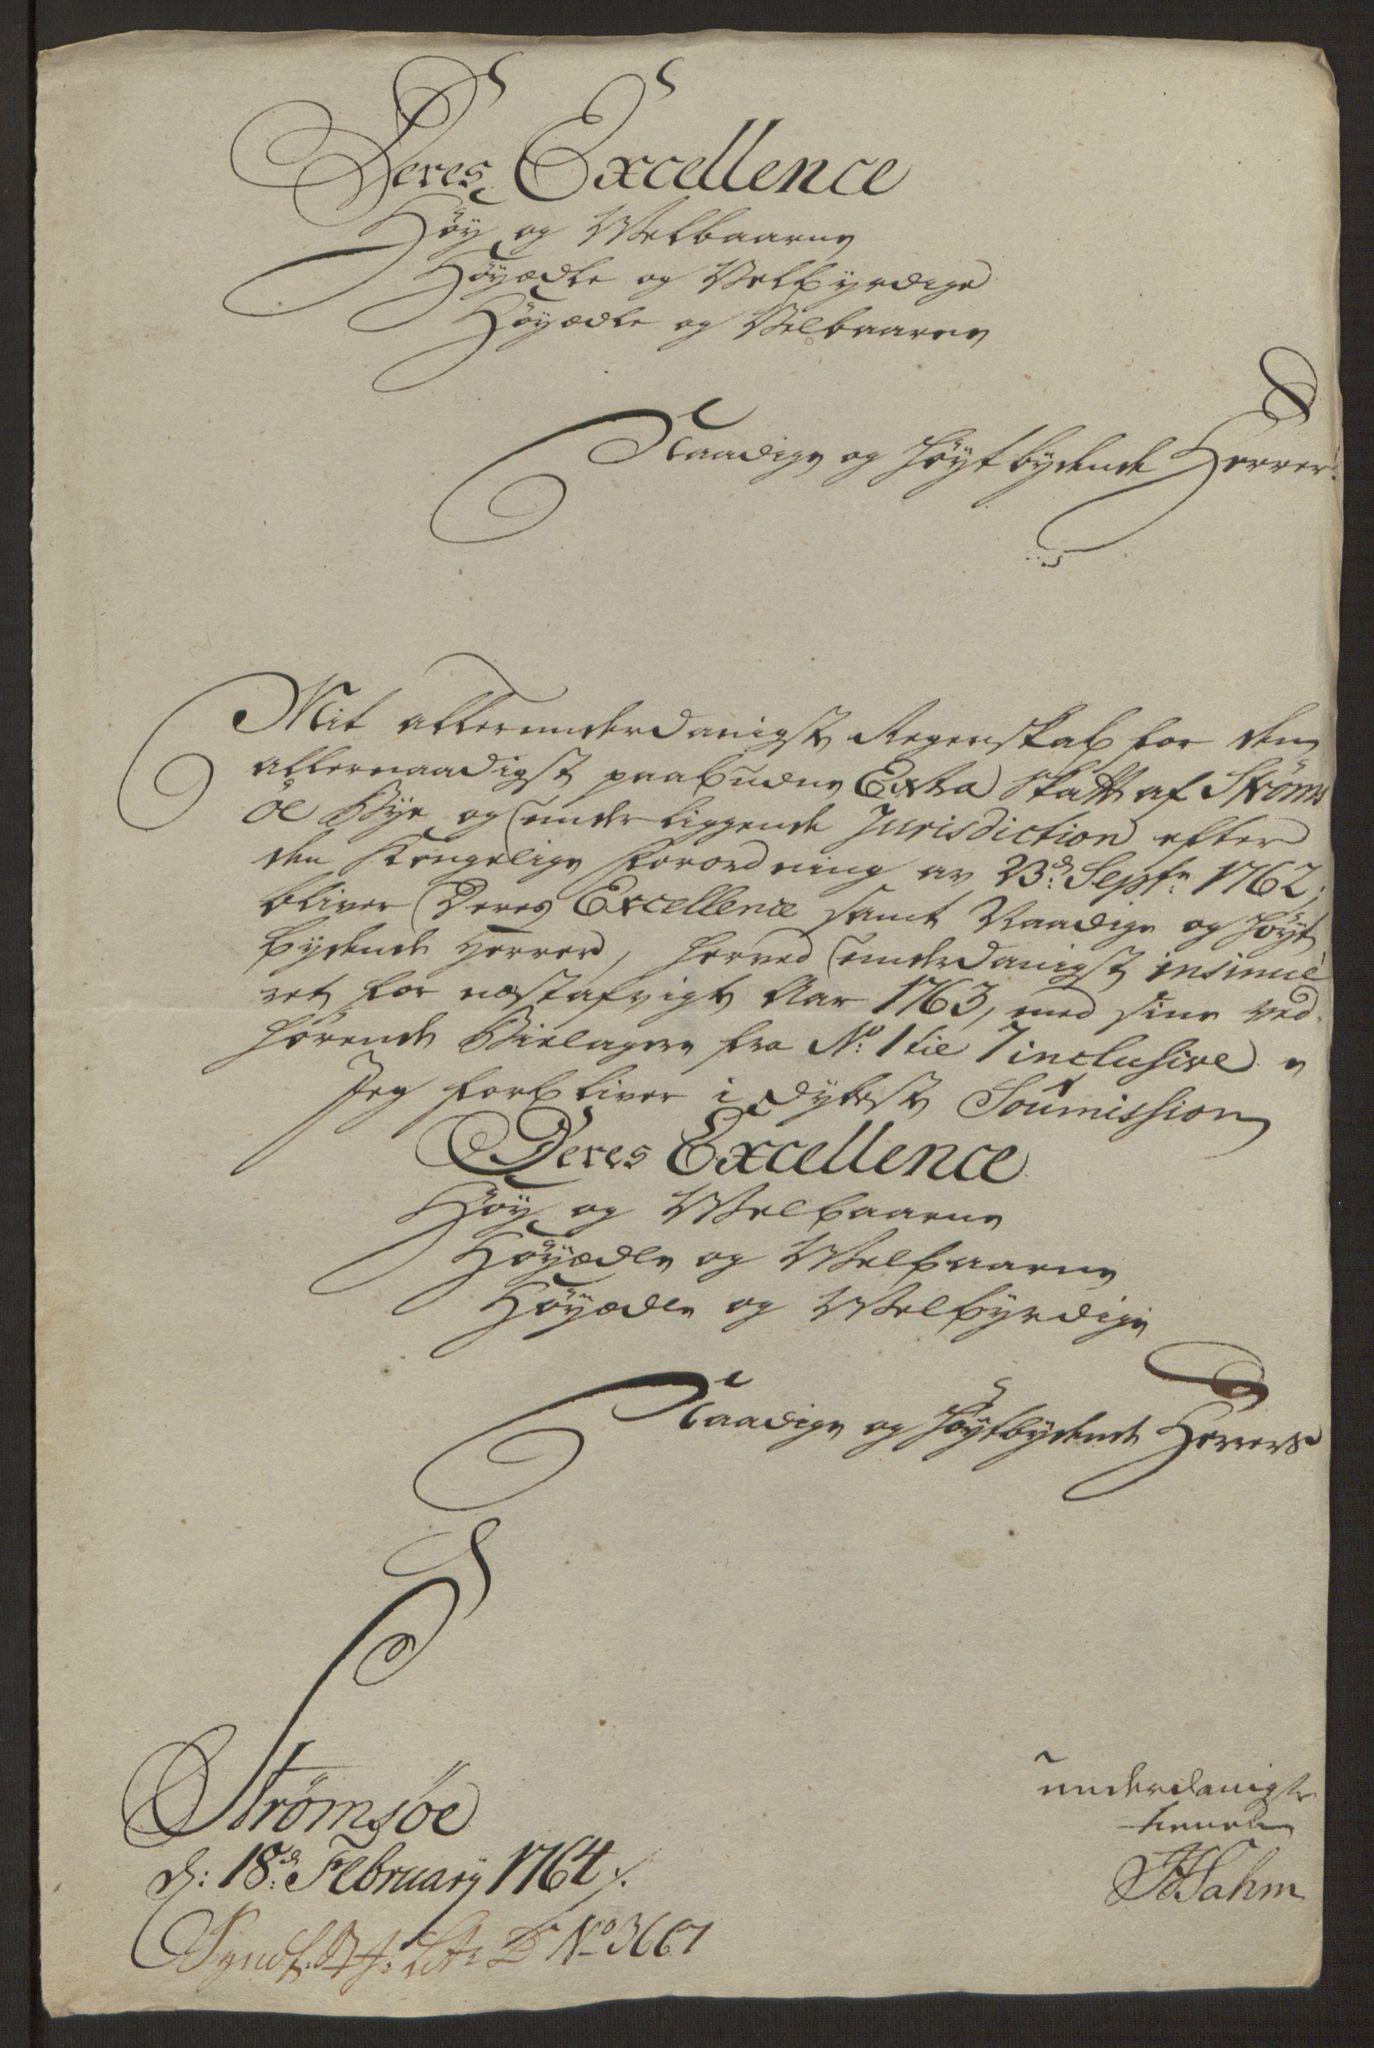 RA, Rentekammeret inntil 1814, Reviderte regnskaper, Byregnskaper, R/Rg/L0144: [G4] Kontribusjonsregnskap, 1762-1767, s. 187